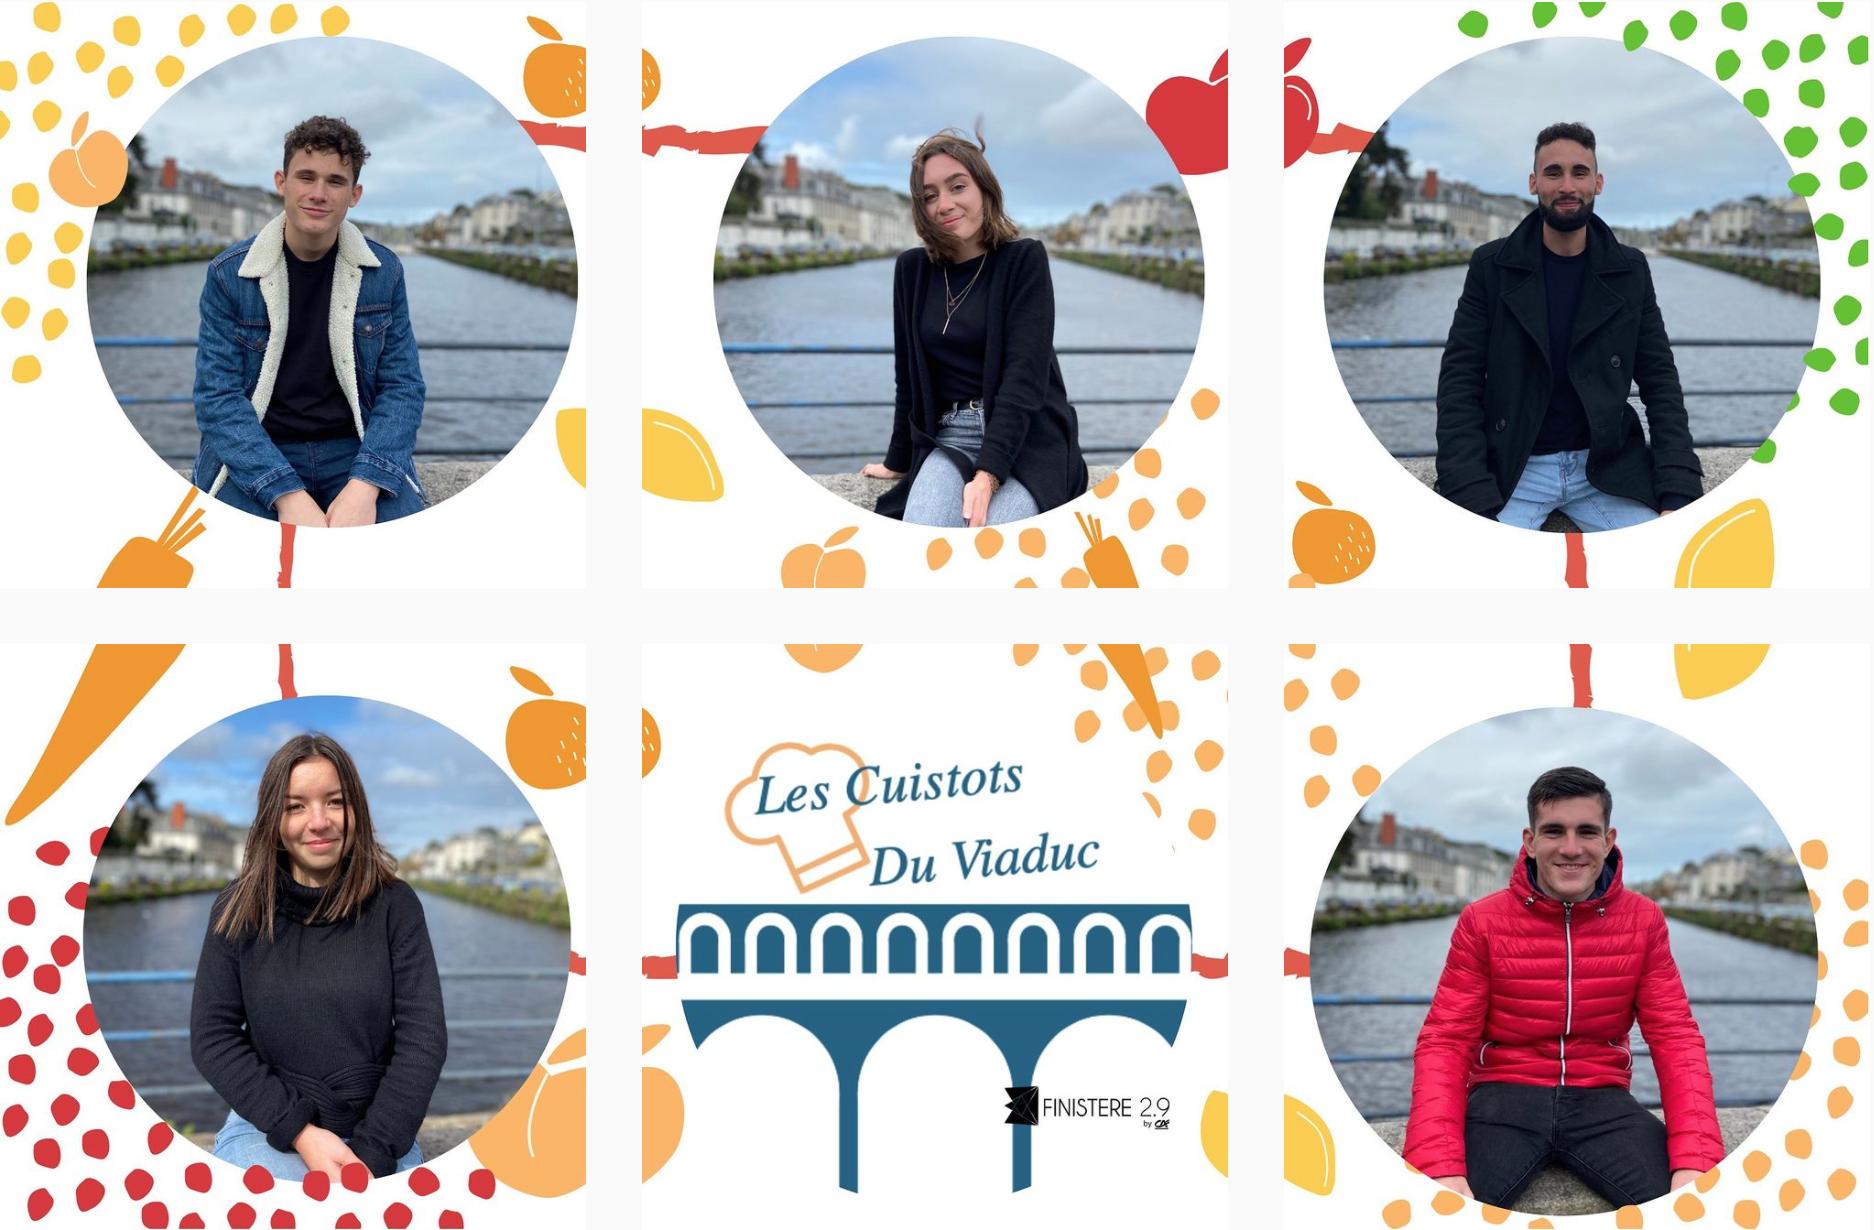 Les Cuistots du Viaduc: le projet solidaire des étudiants de Morlaix pour lutter contre la précarité alimentaire